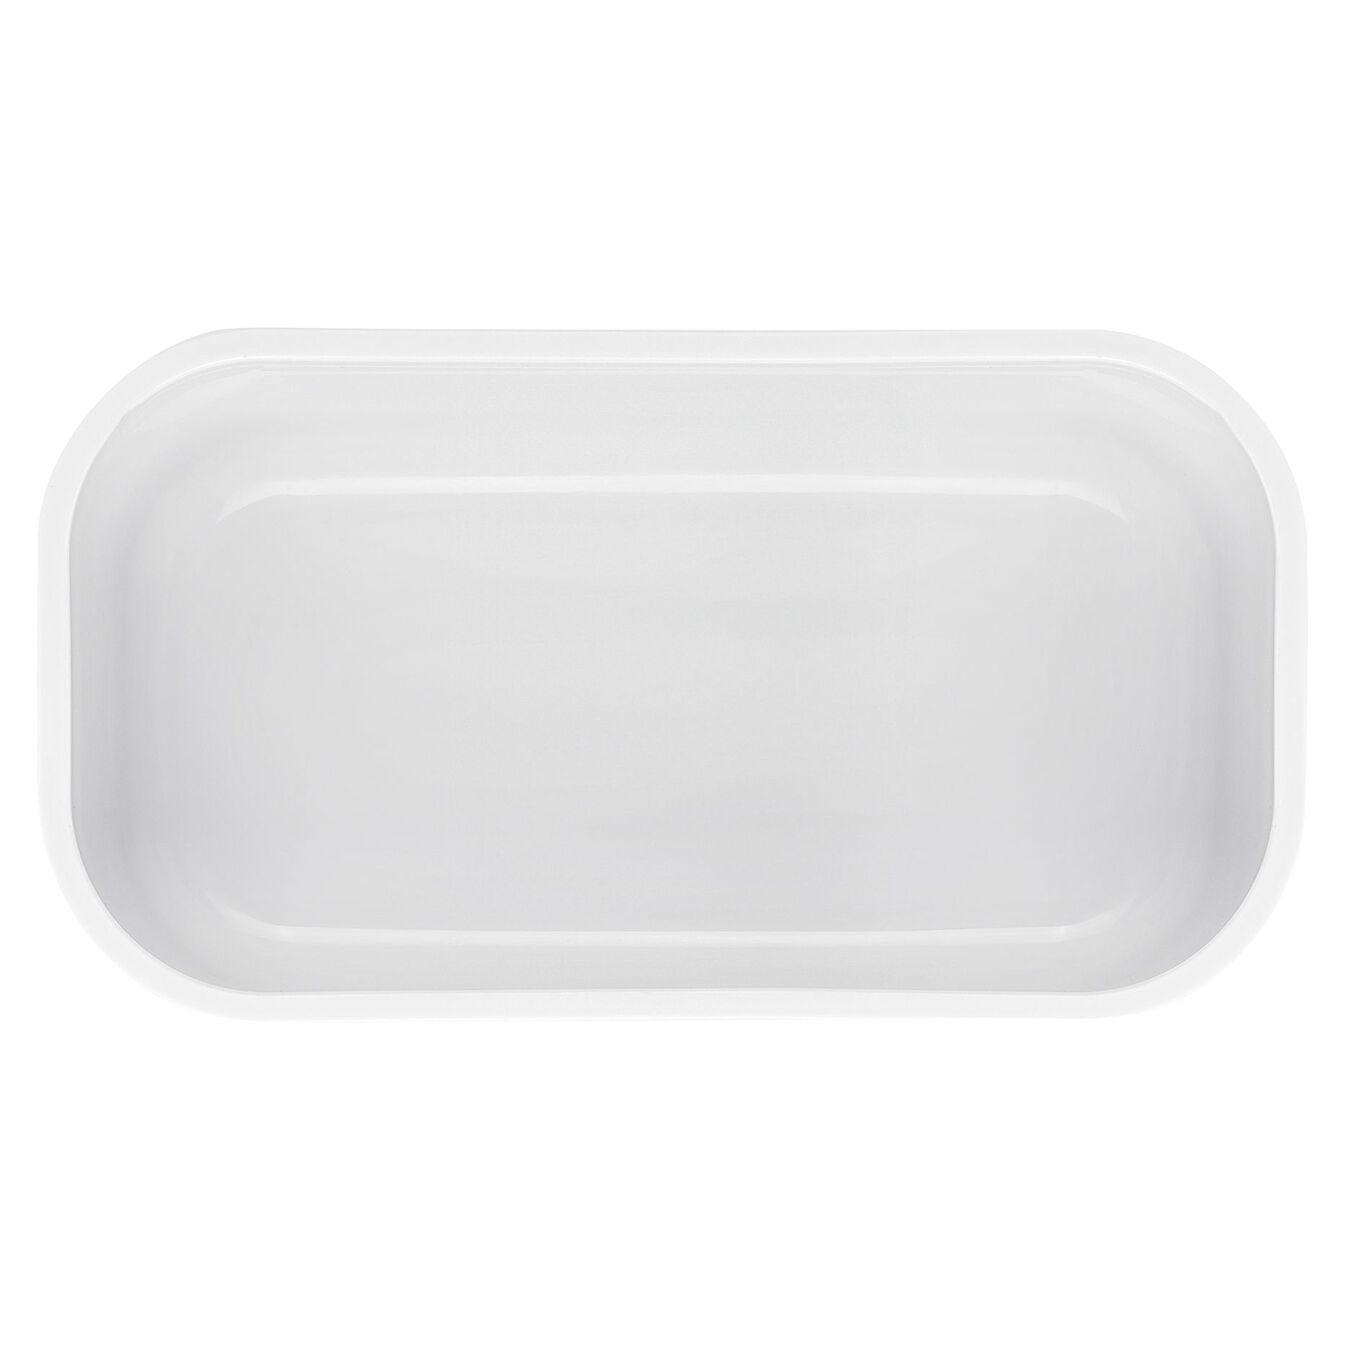 Lunch box sottovuoto - S, plastica, bianco,,large 3